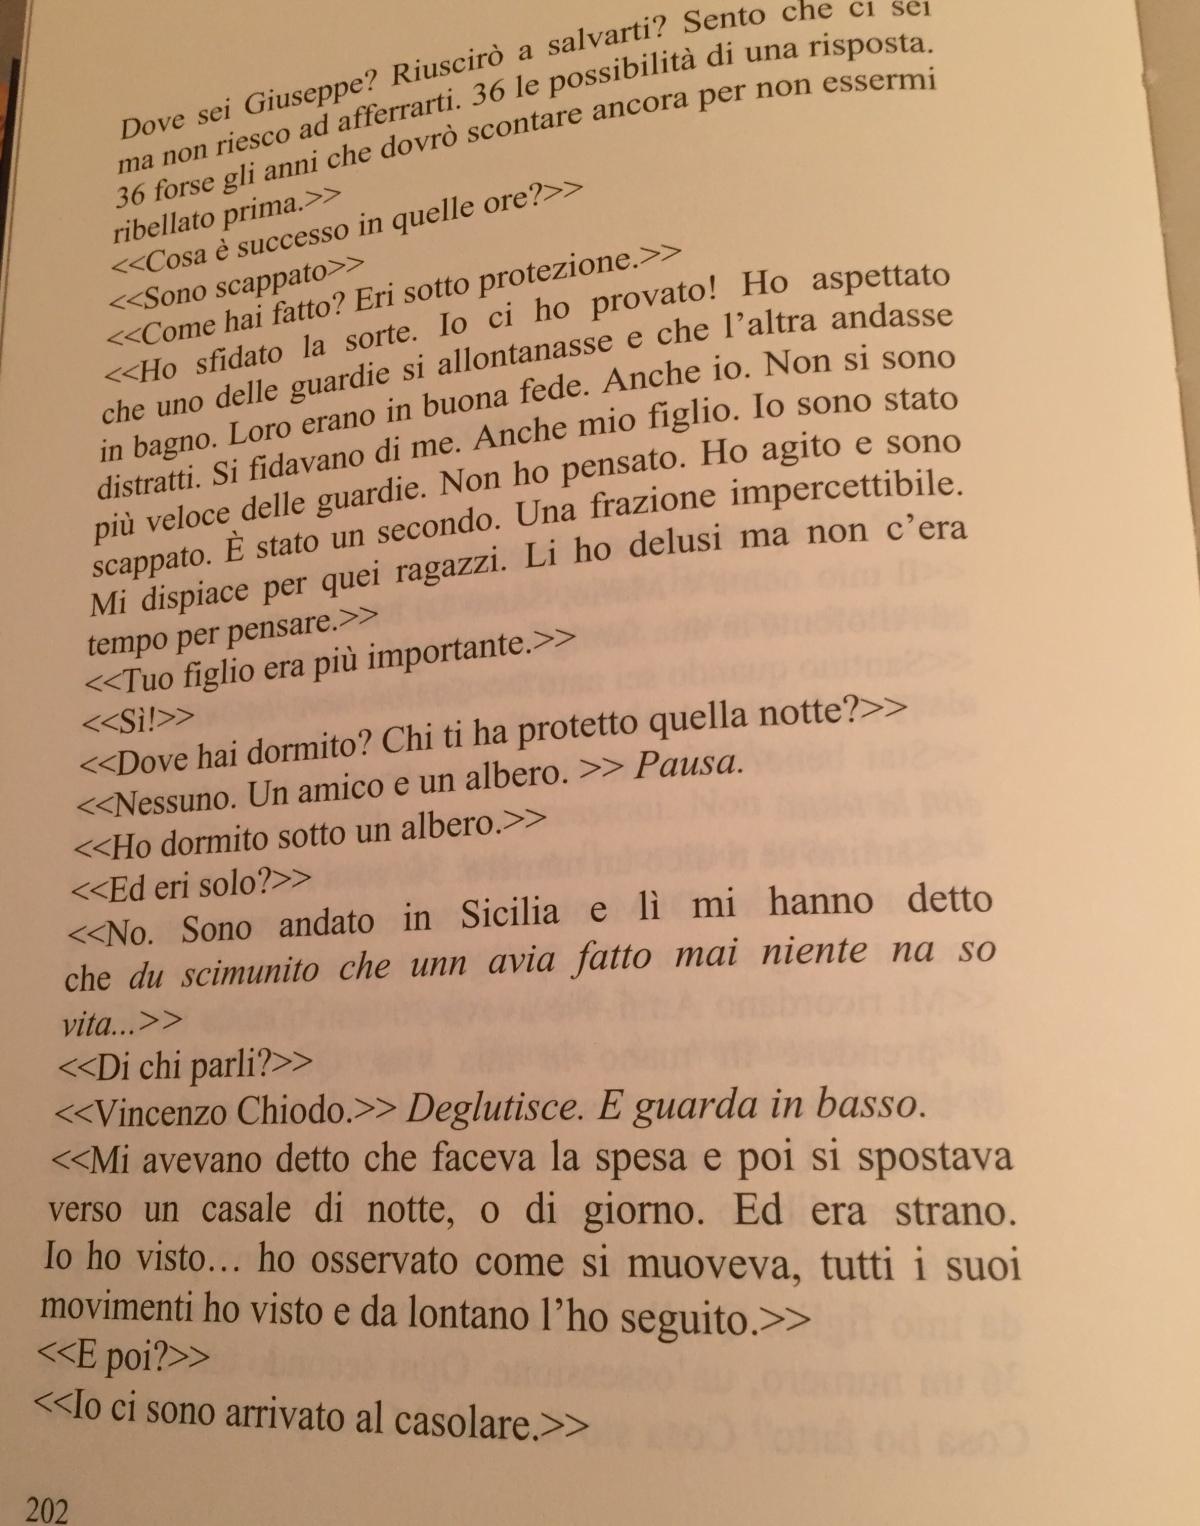 Santino Di Matteo siracconta